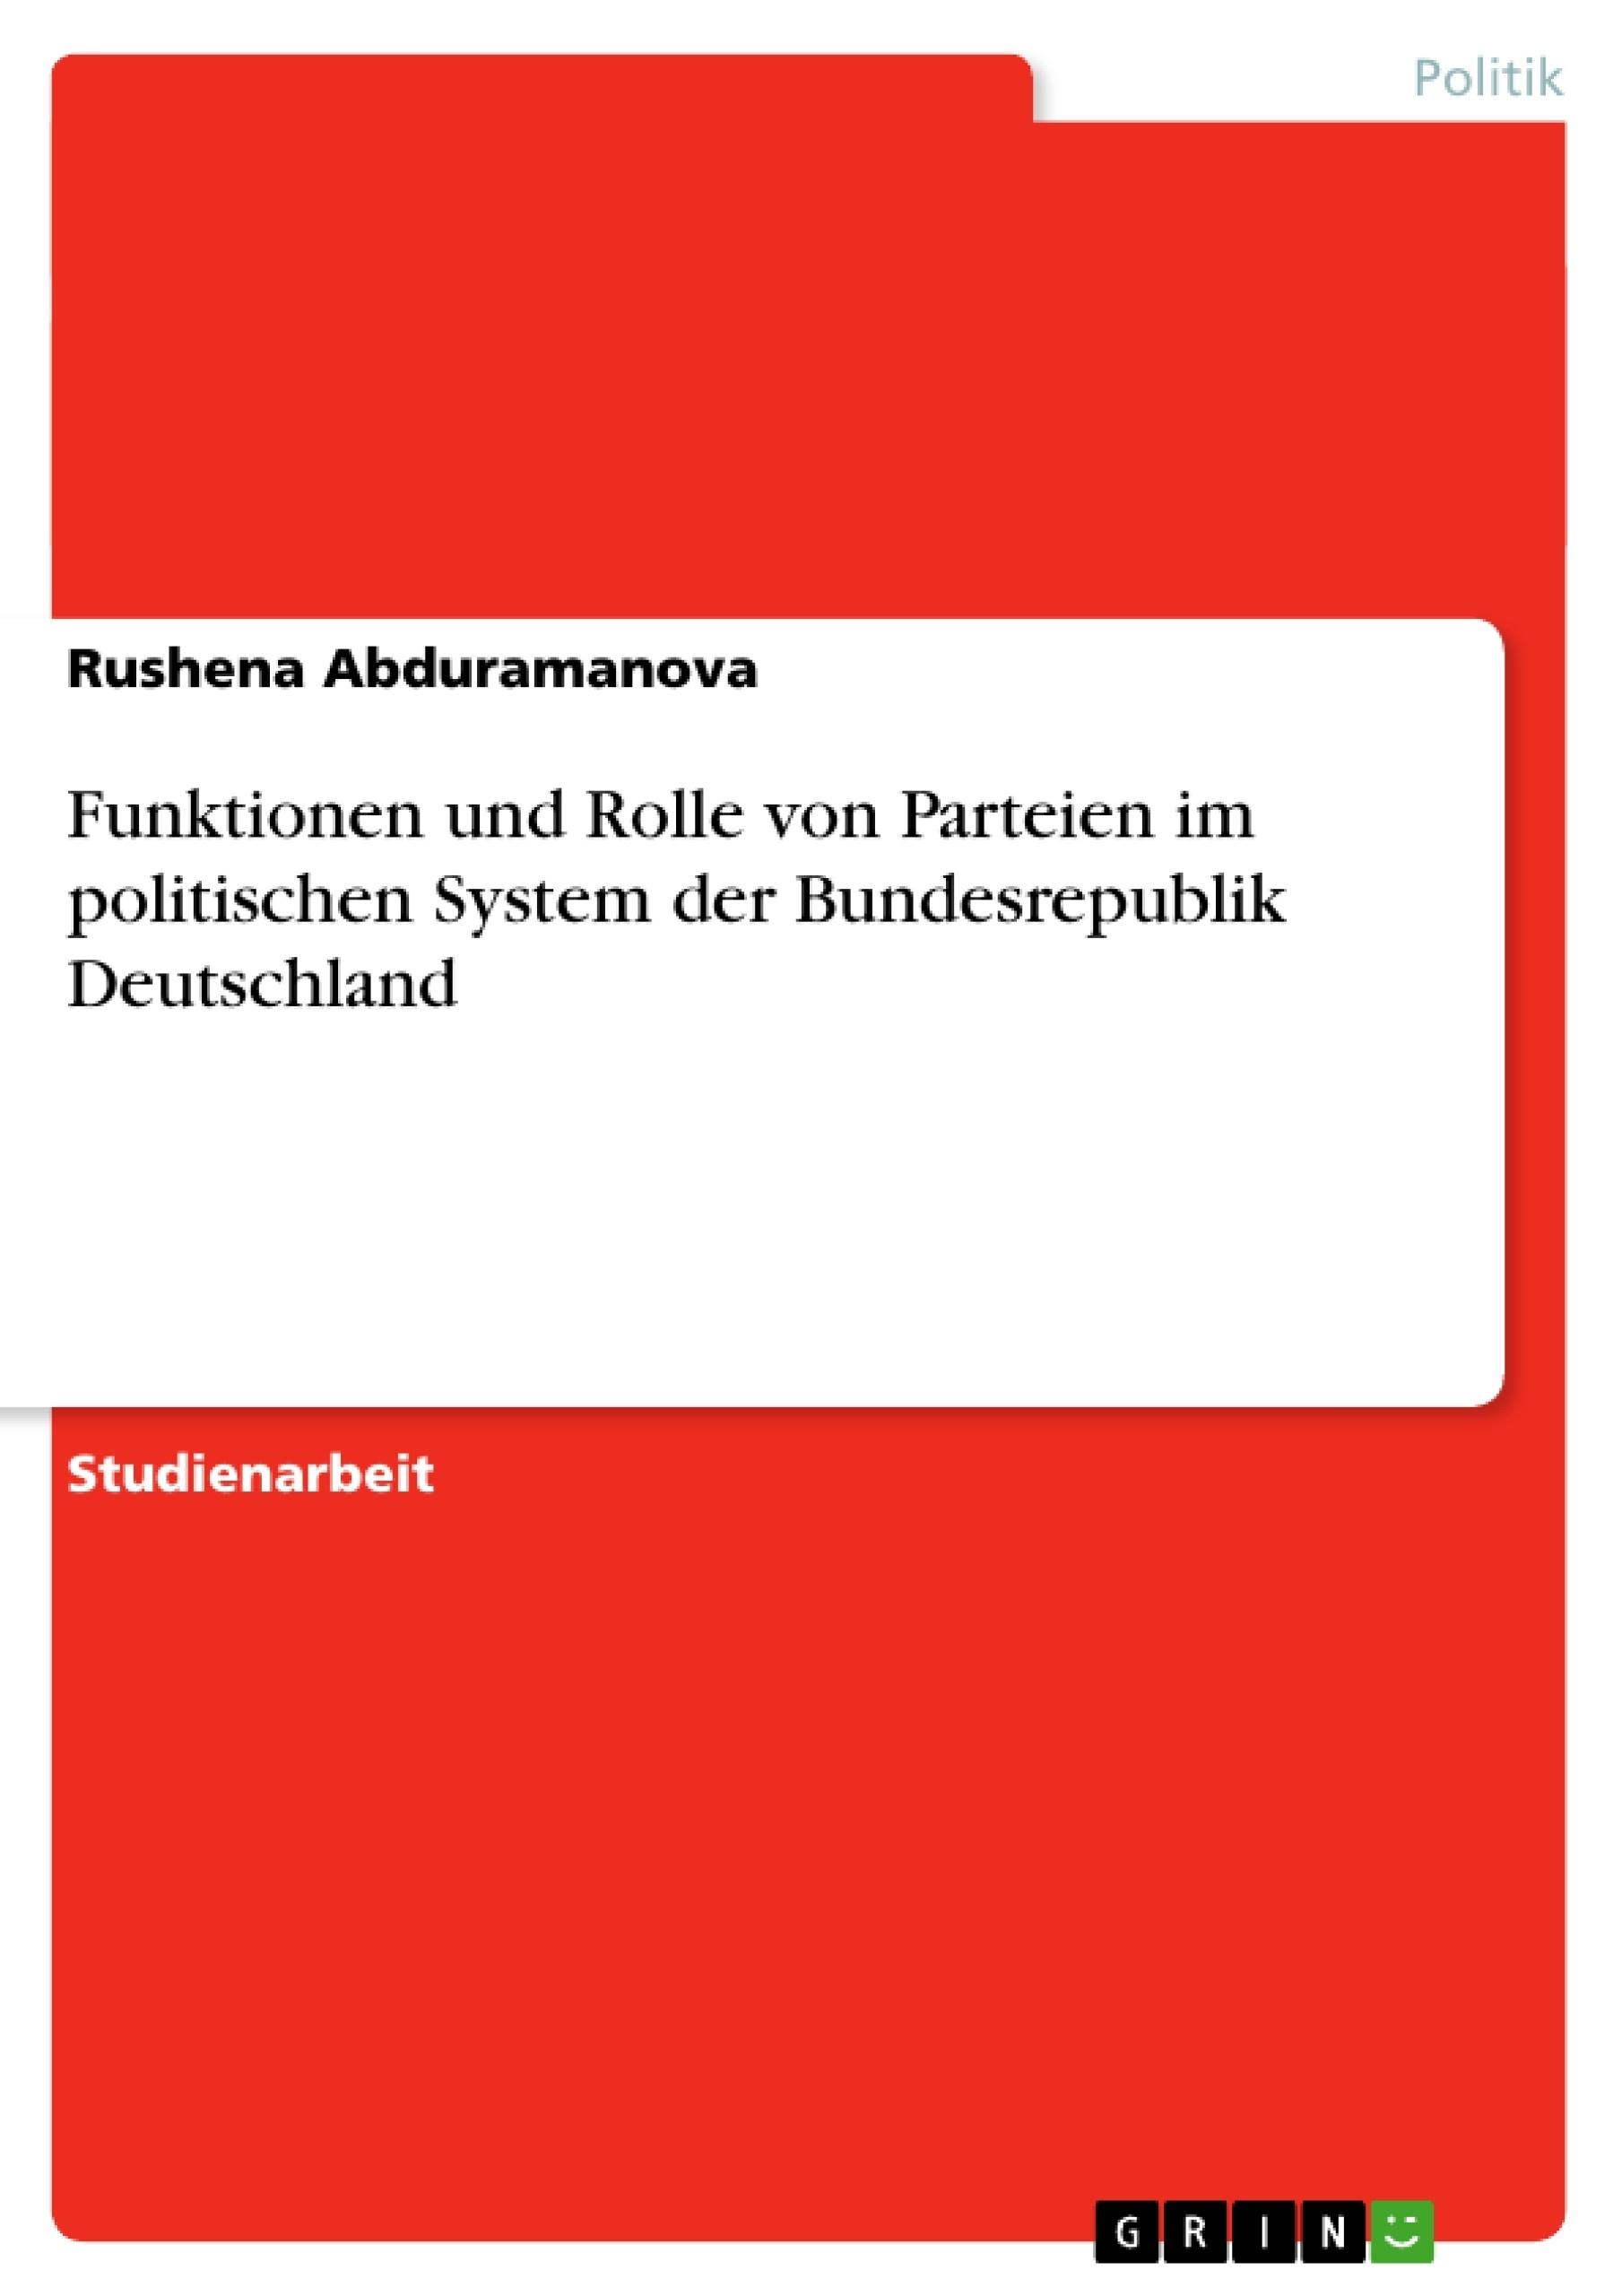 Titel: Funktionen und Rolle von Parteien im politischen System der Bundesrepublik Deutschland